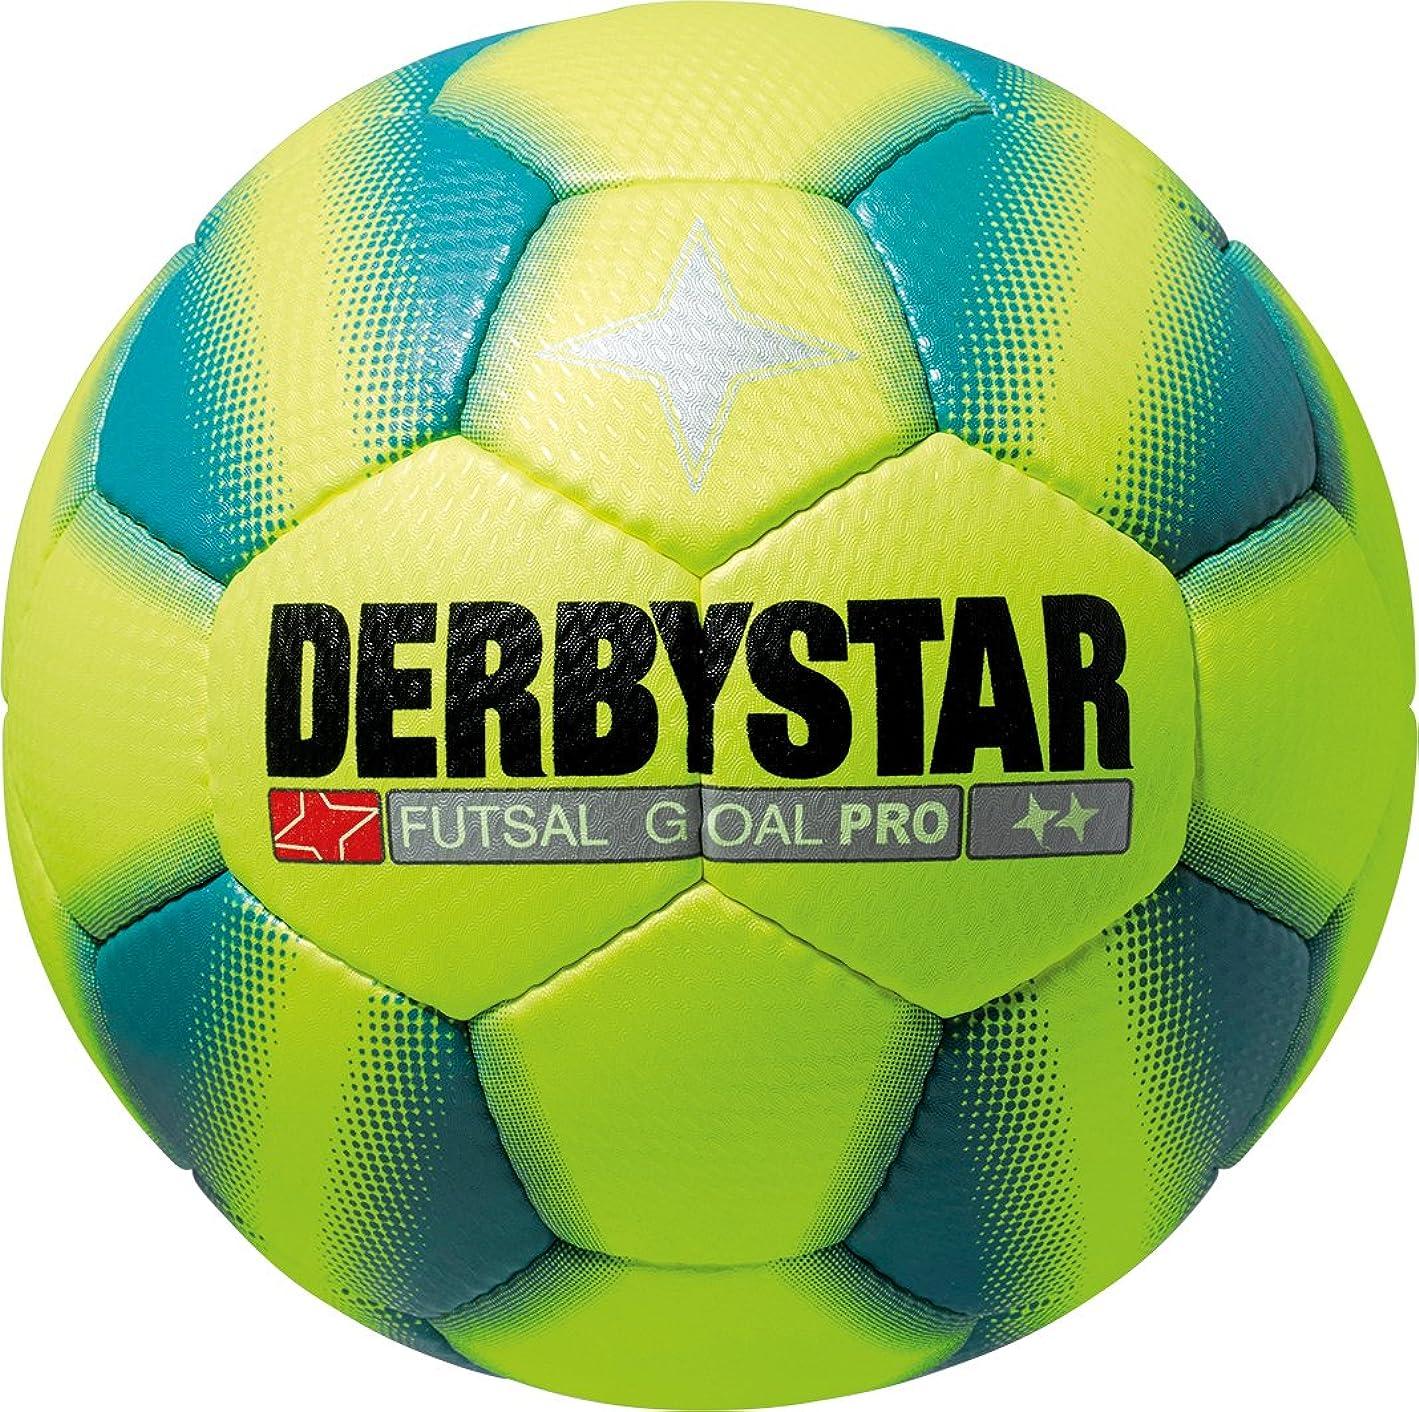 カメラアーティキュレーションプロフィールダービースター フットサルボール Futsal Goal Pro 4号球 2015-2017